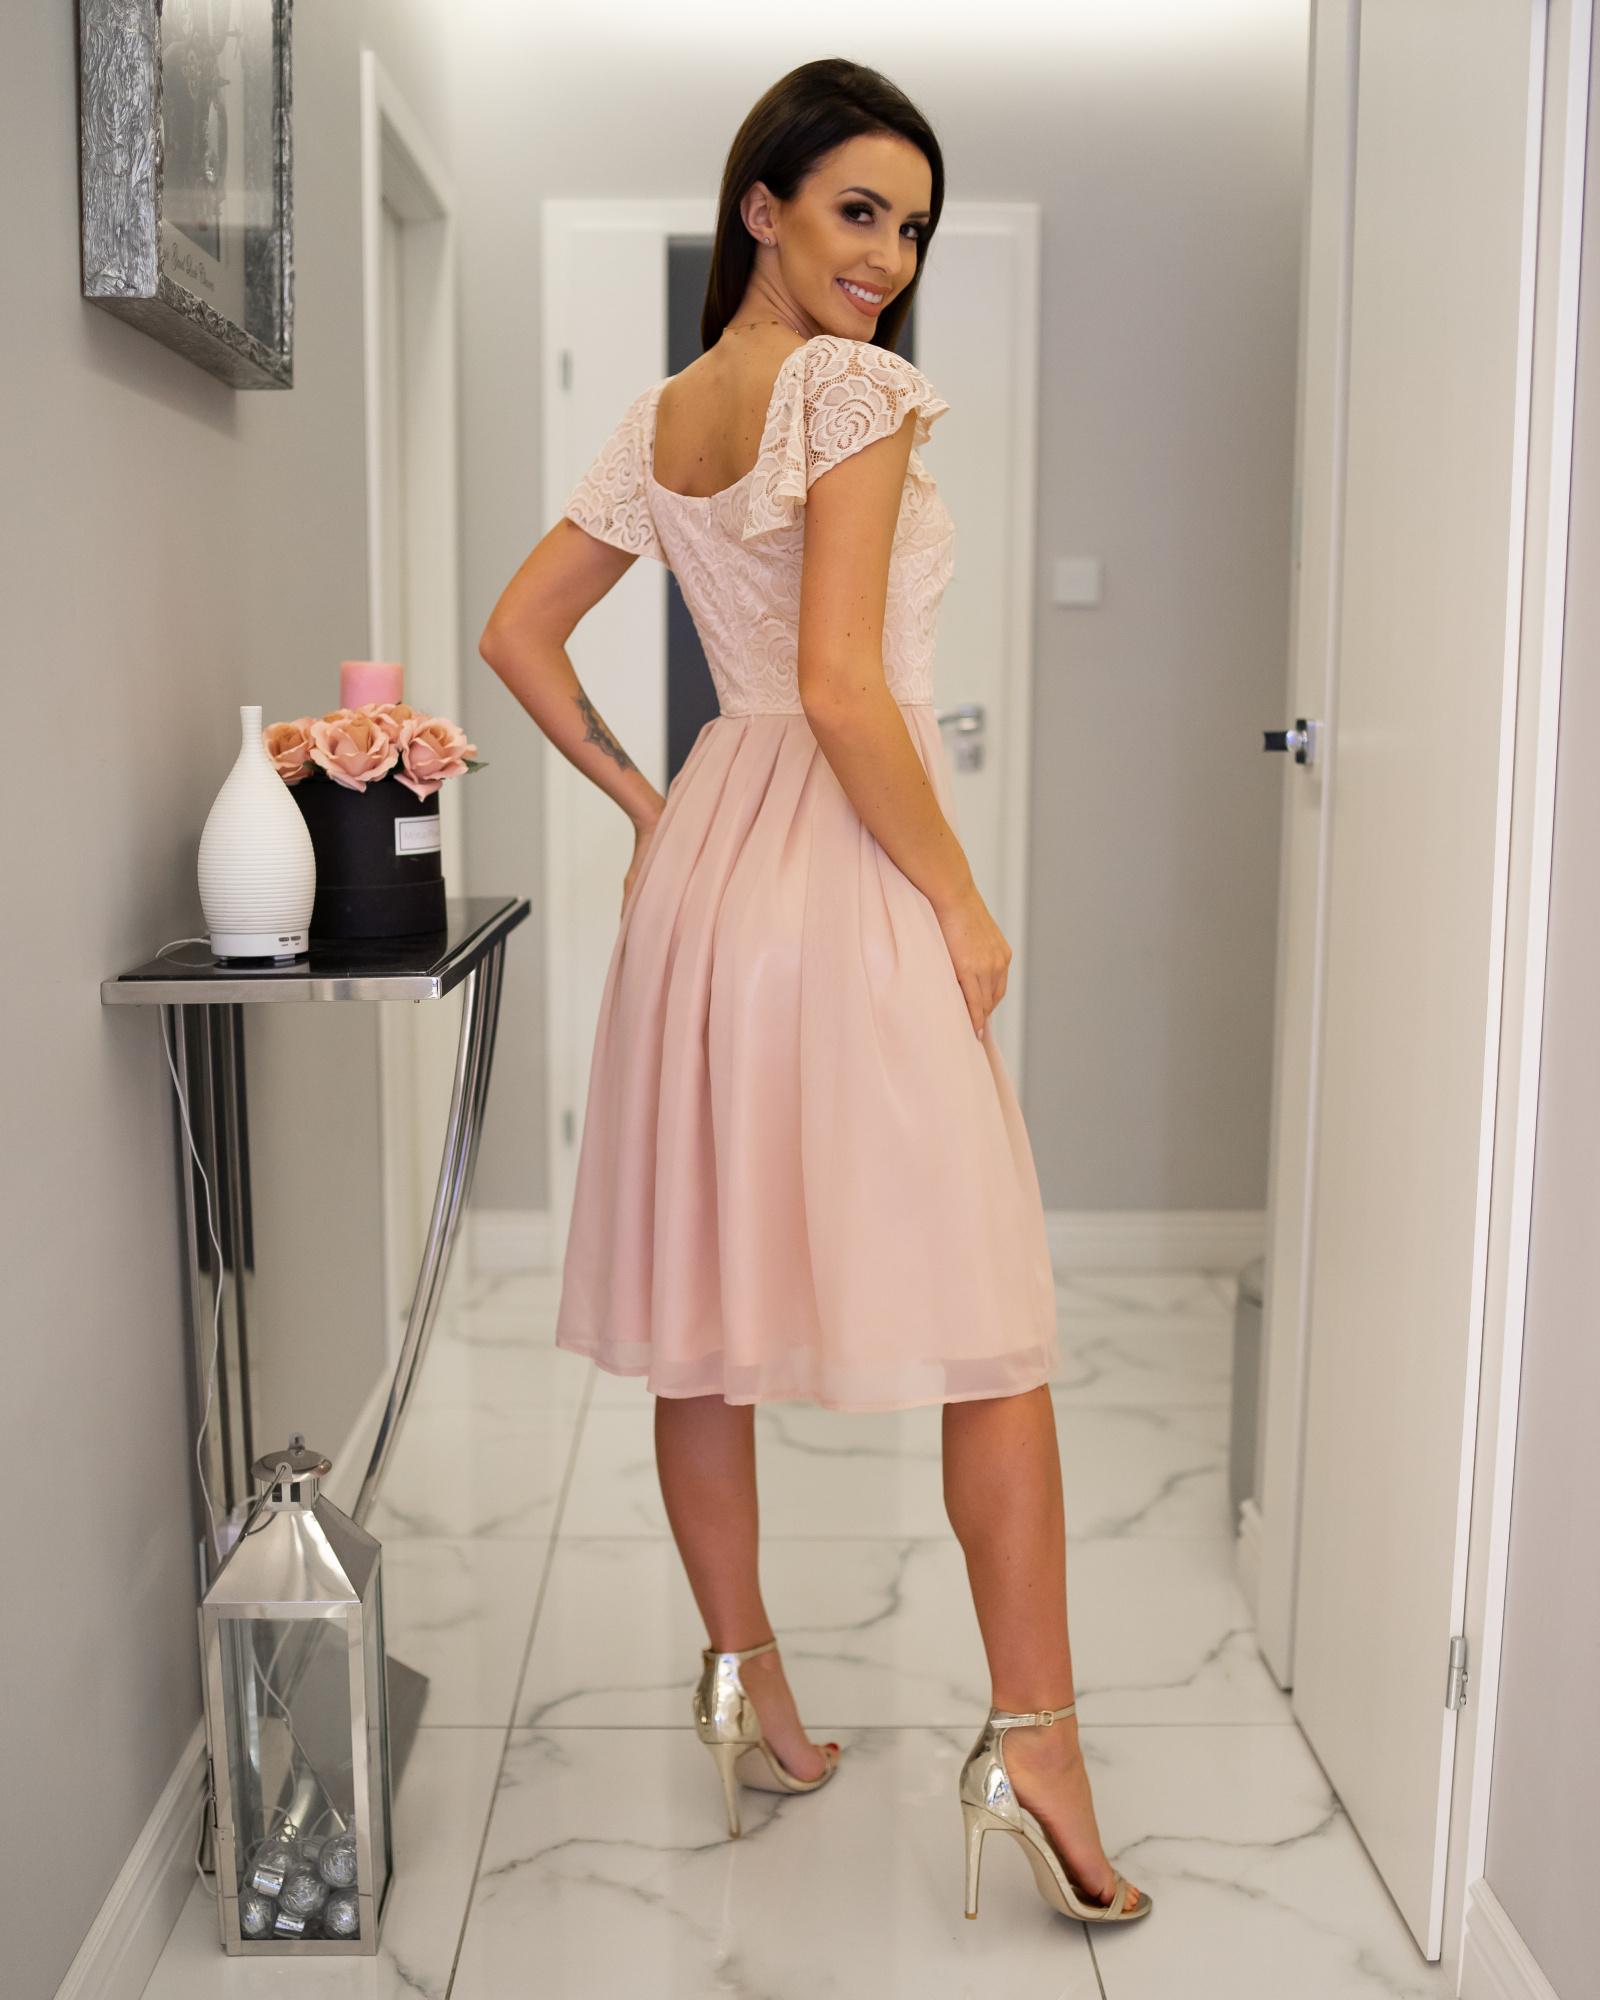 c55f9971a9 Julia- Elegancka sukienka midi na wesele z koronką KM313-4 ...